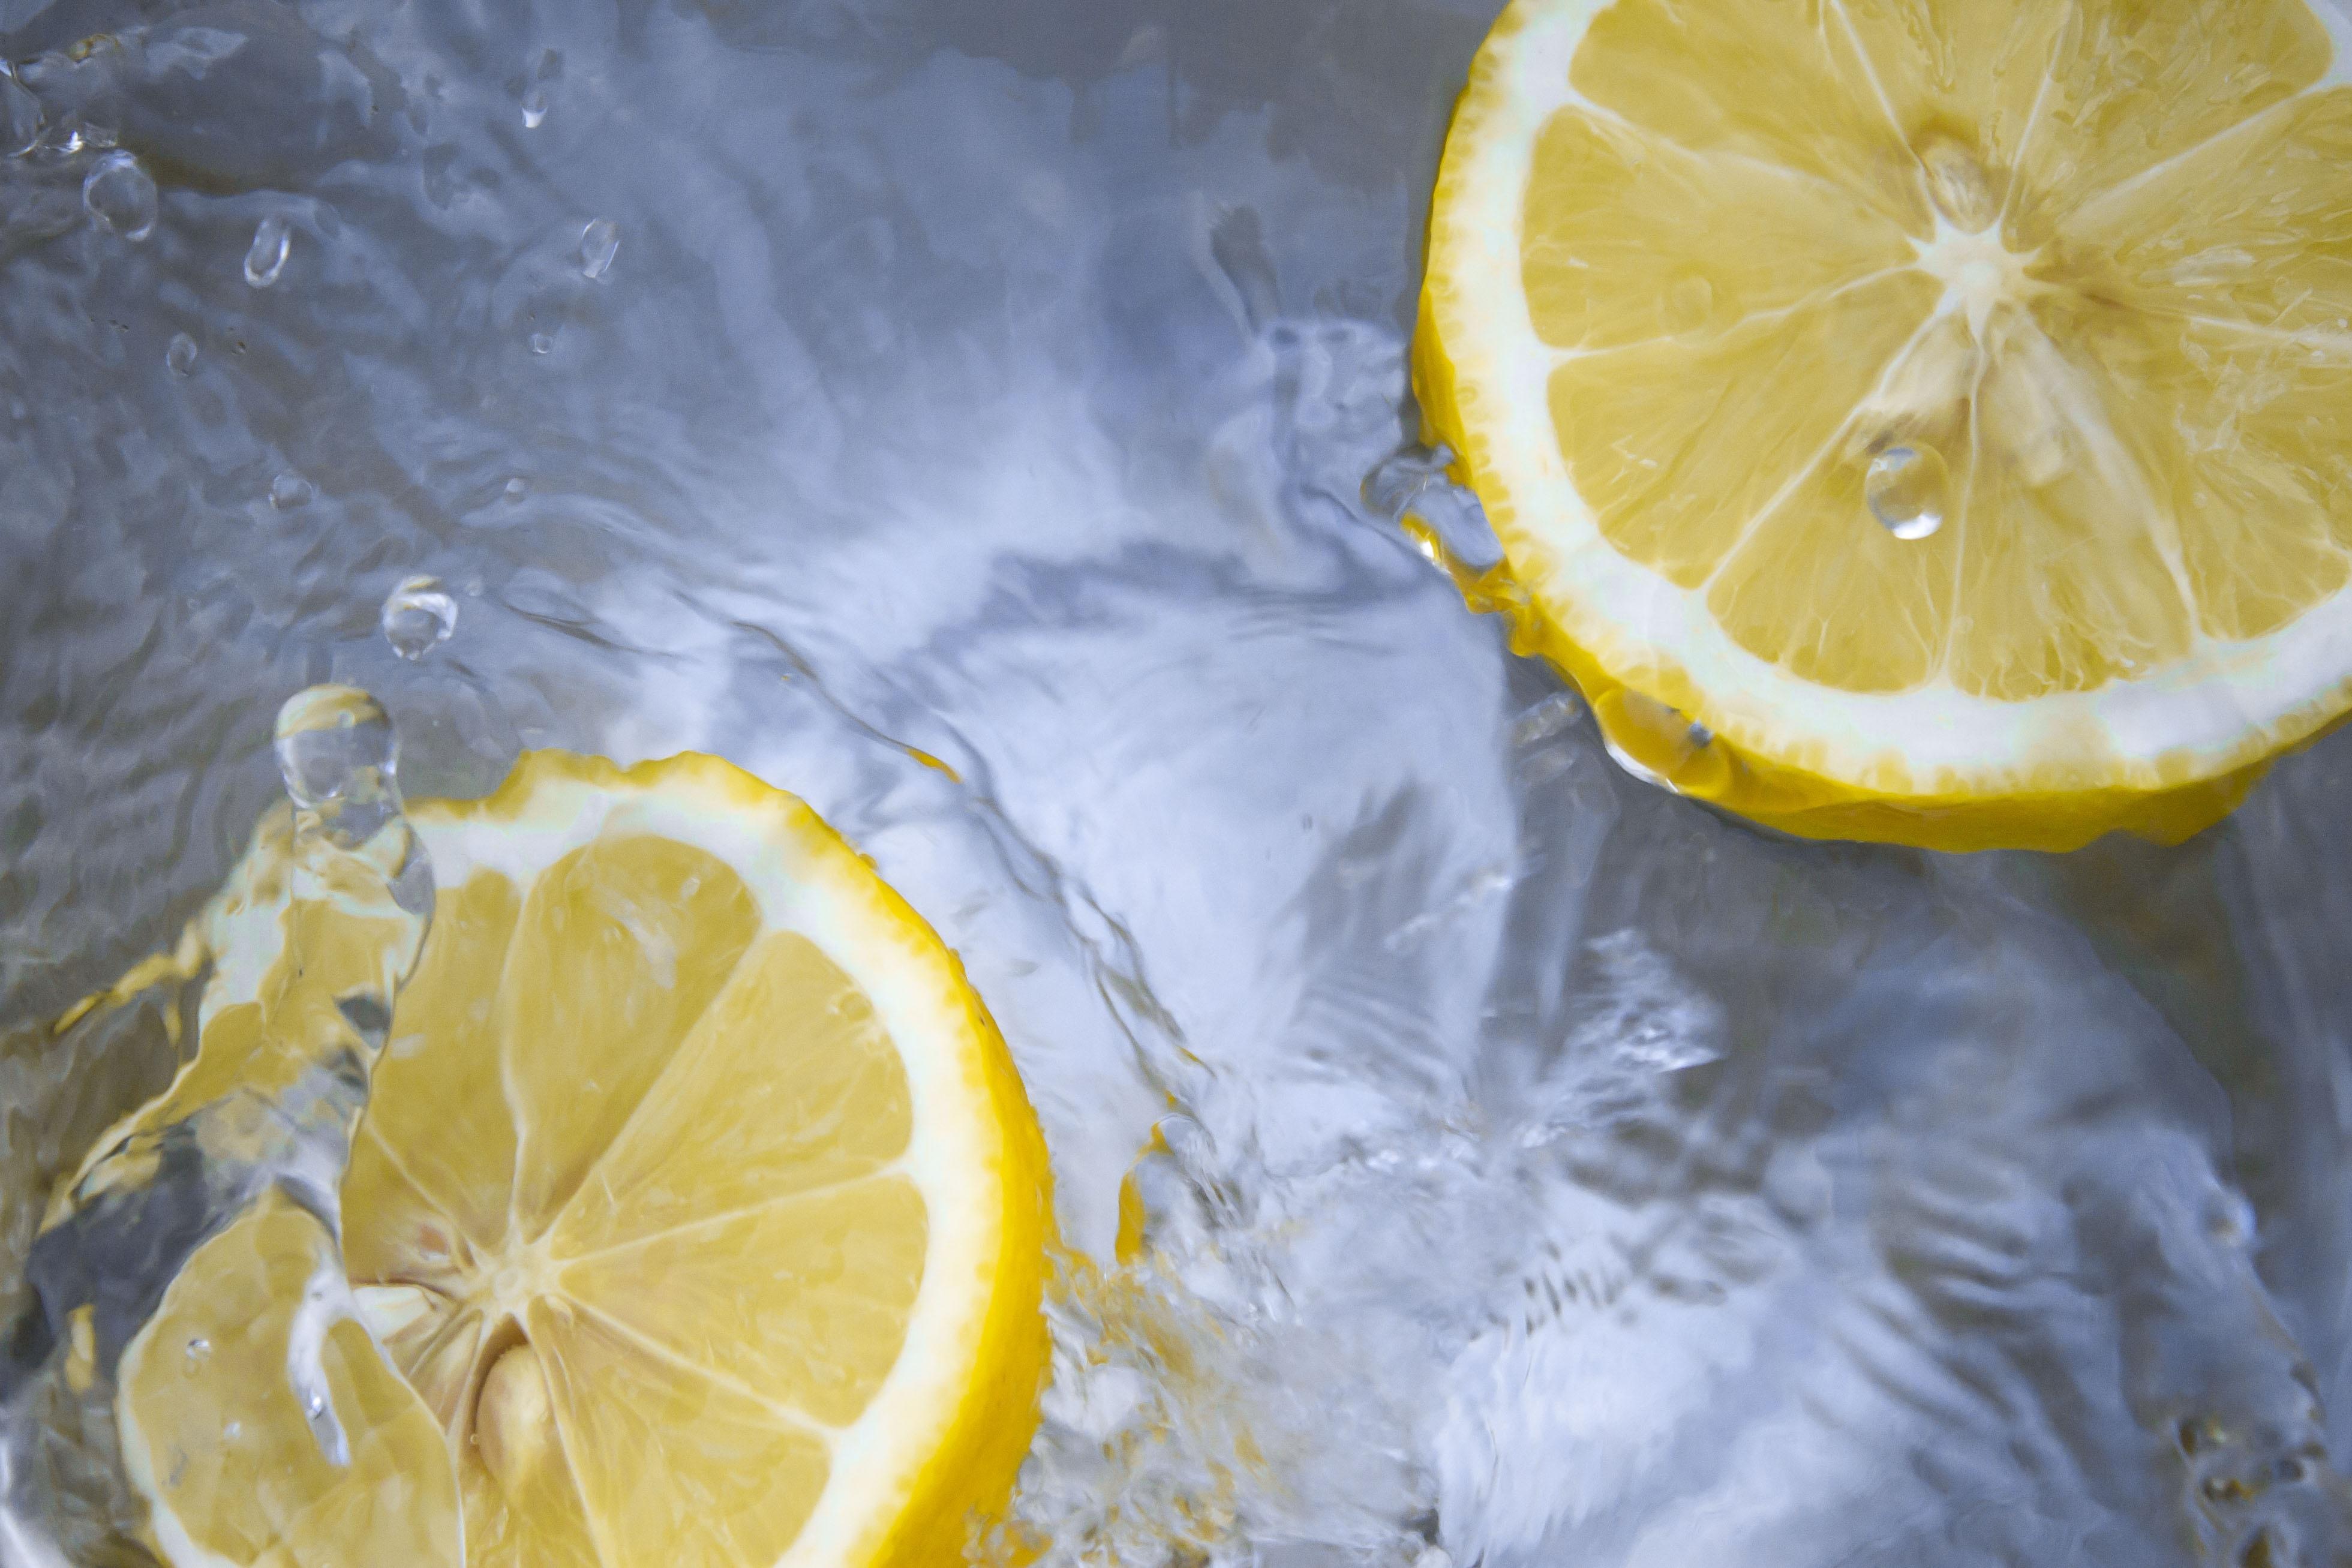 Lemons floating in water